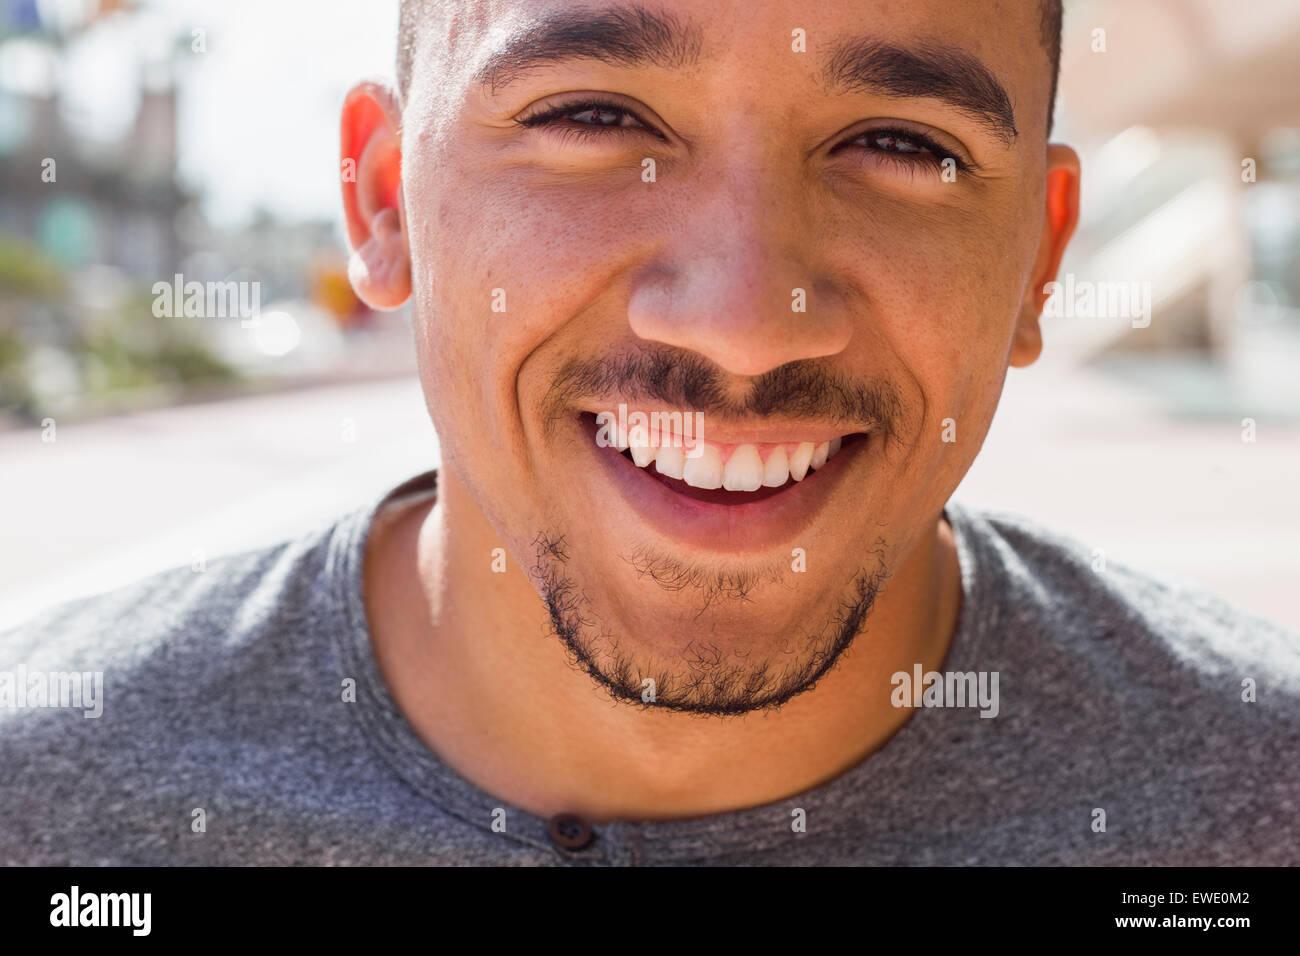 Lächelnde junge Mann Gesicht Stoppeln zuversichtlich glücklich afroamerikanische schwarz Stockbild